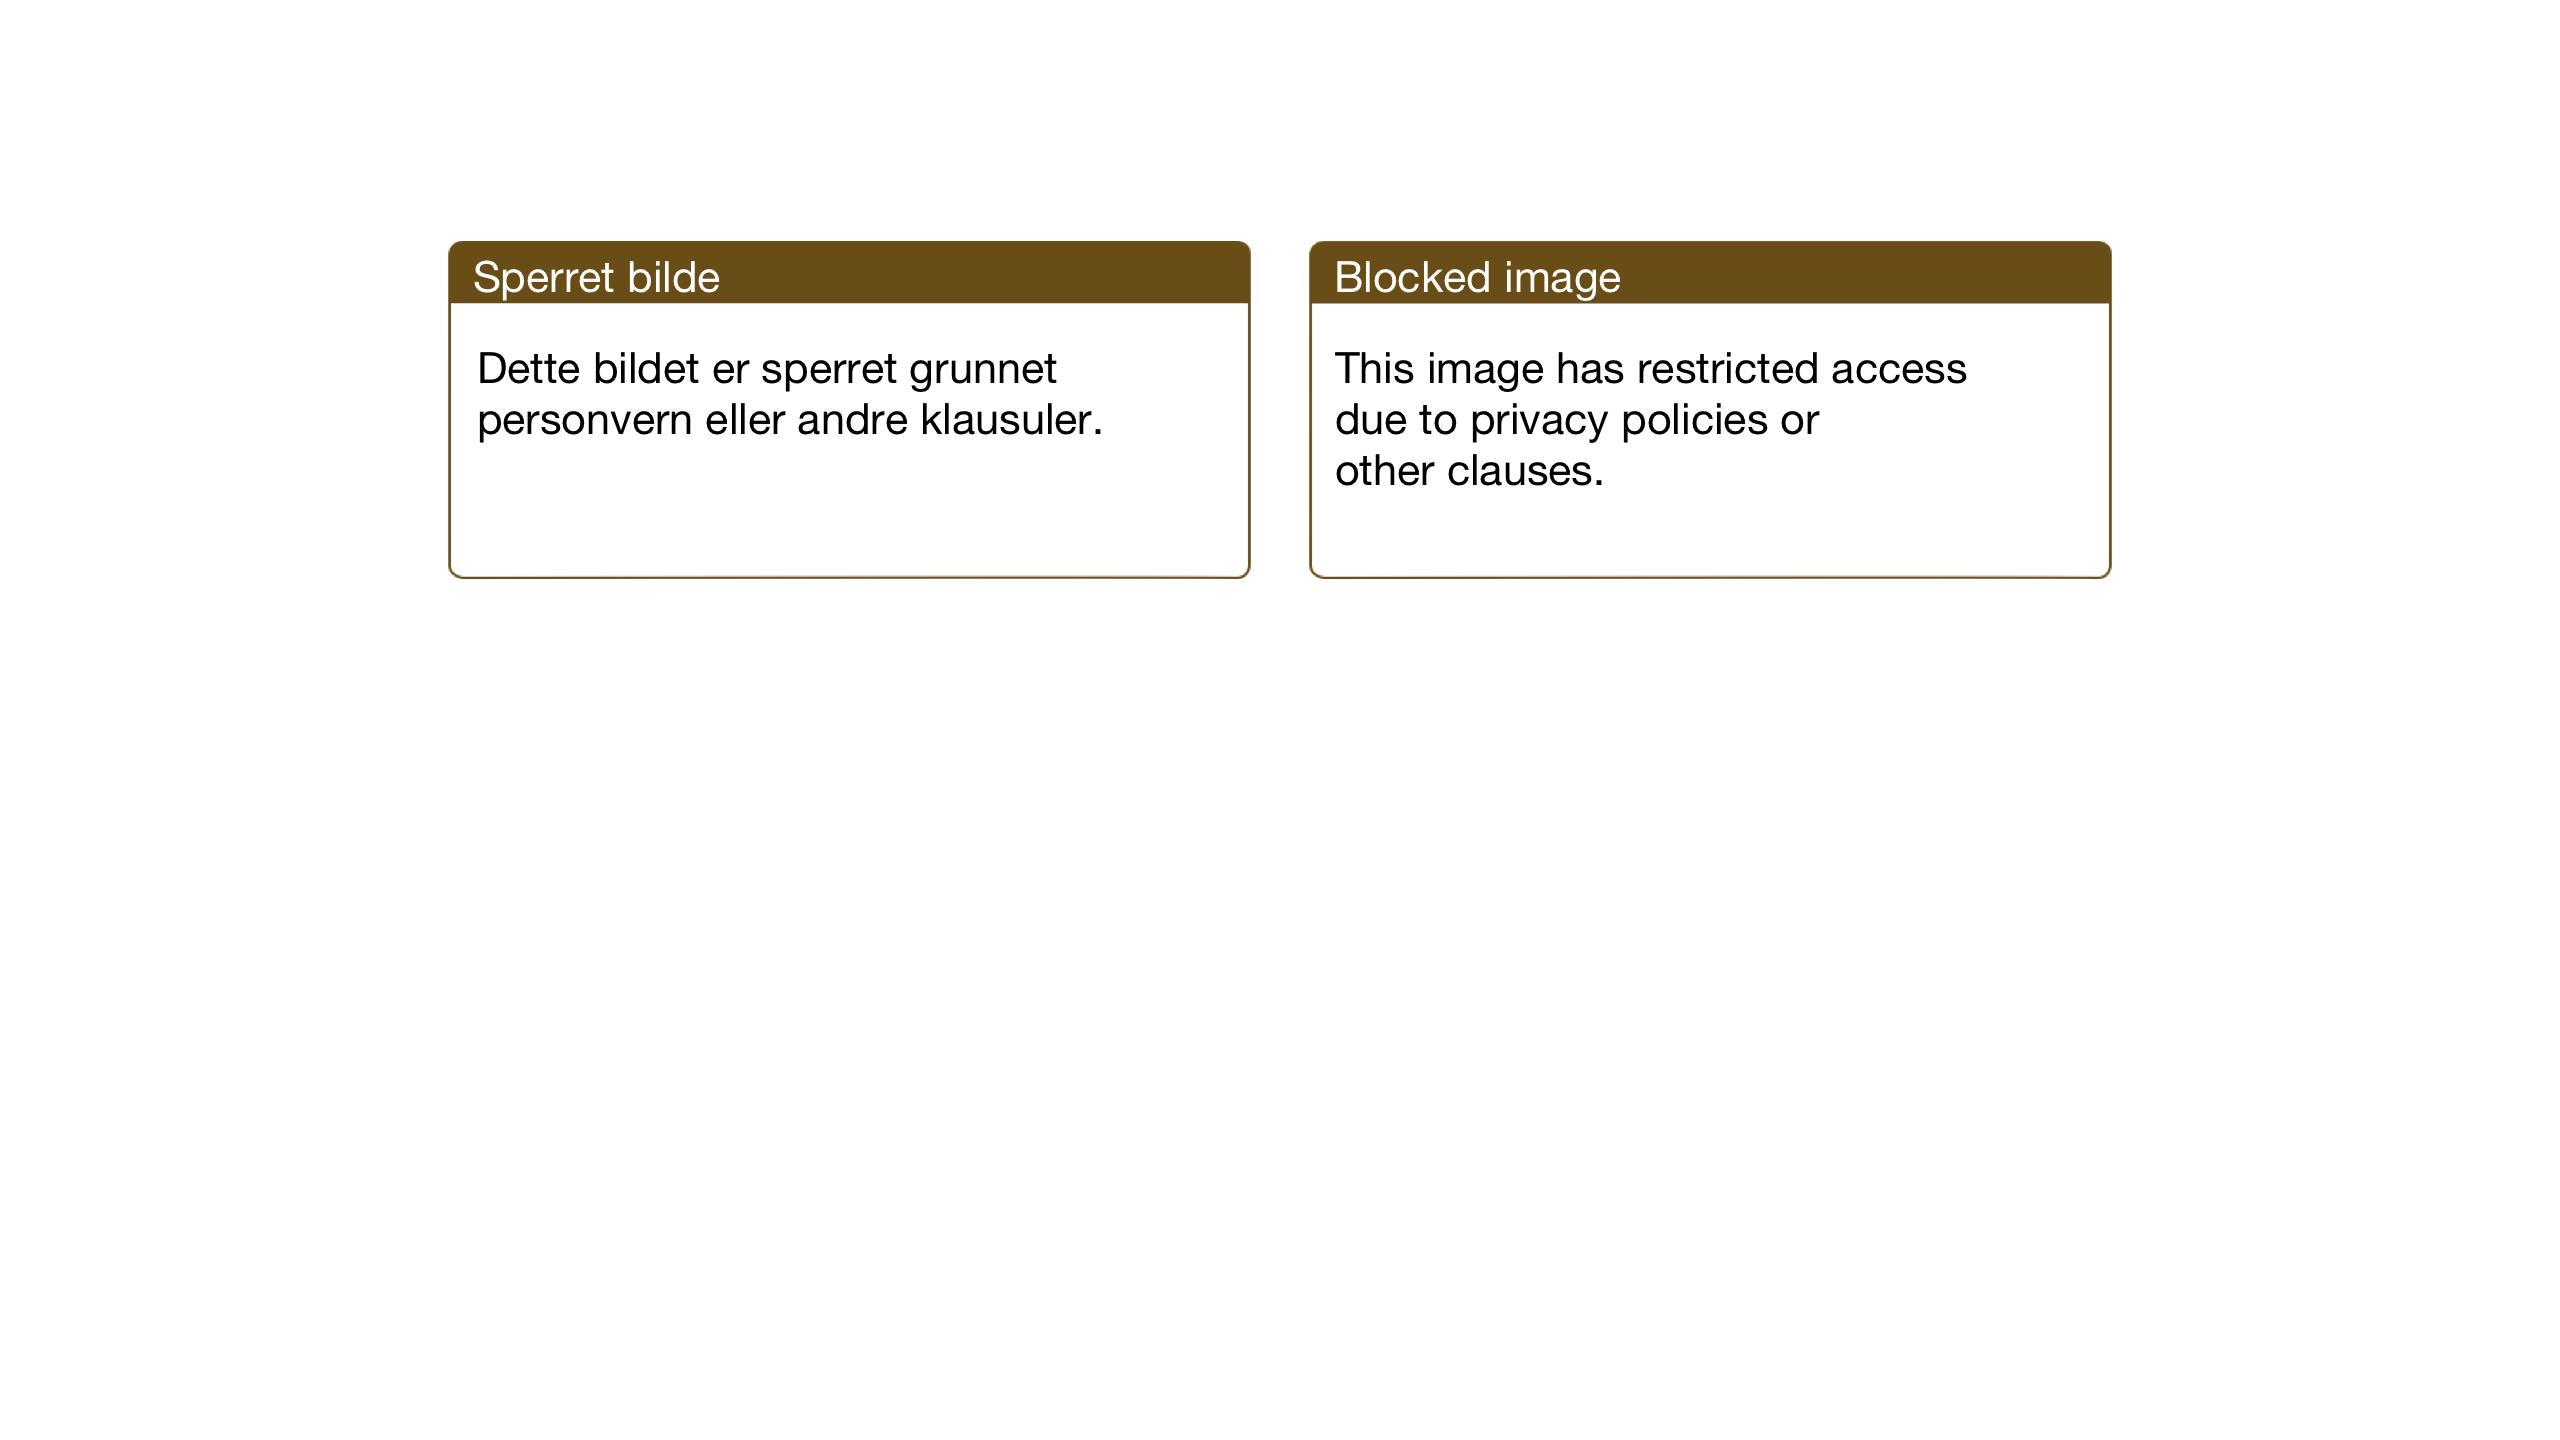 SAT, Ministerialprotokoller, klokkerbøker og fødselsregistre - Sør-Trøndelag, 698/L1169: Klokkerbok nr. 698C06, 1930-1949, s. 43